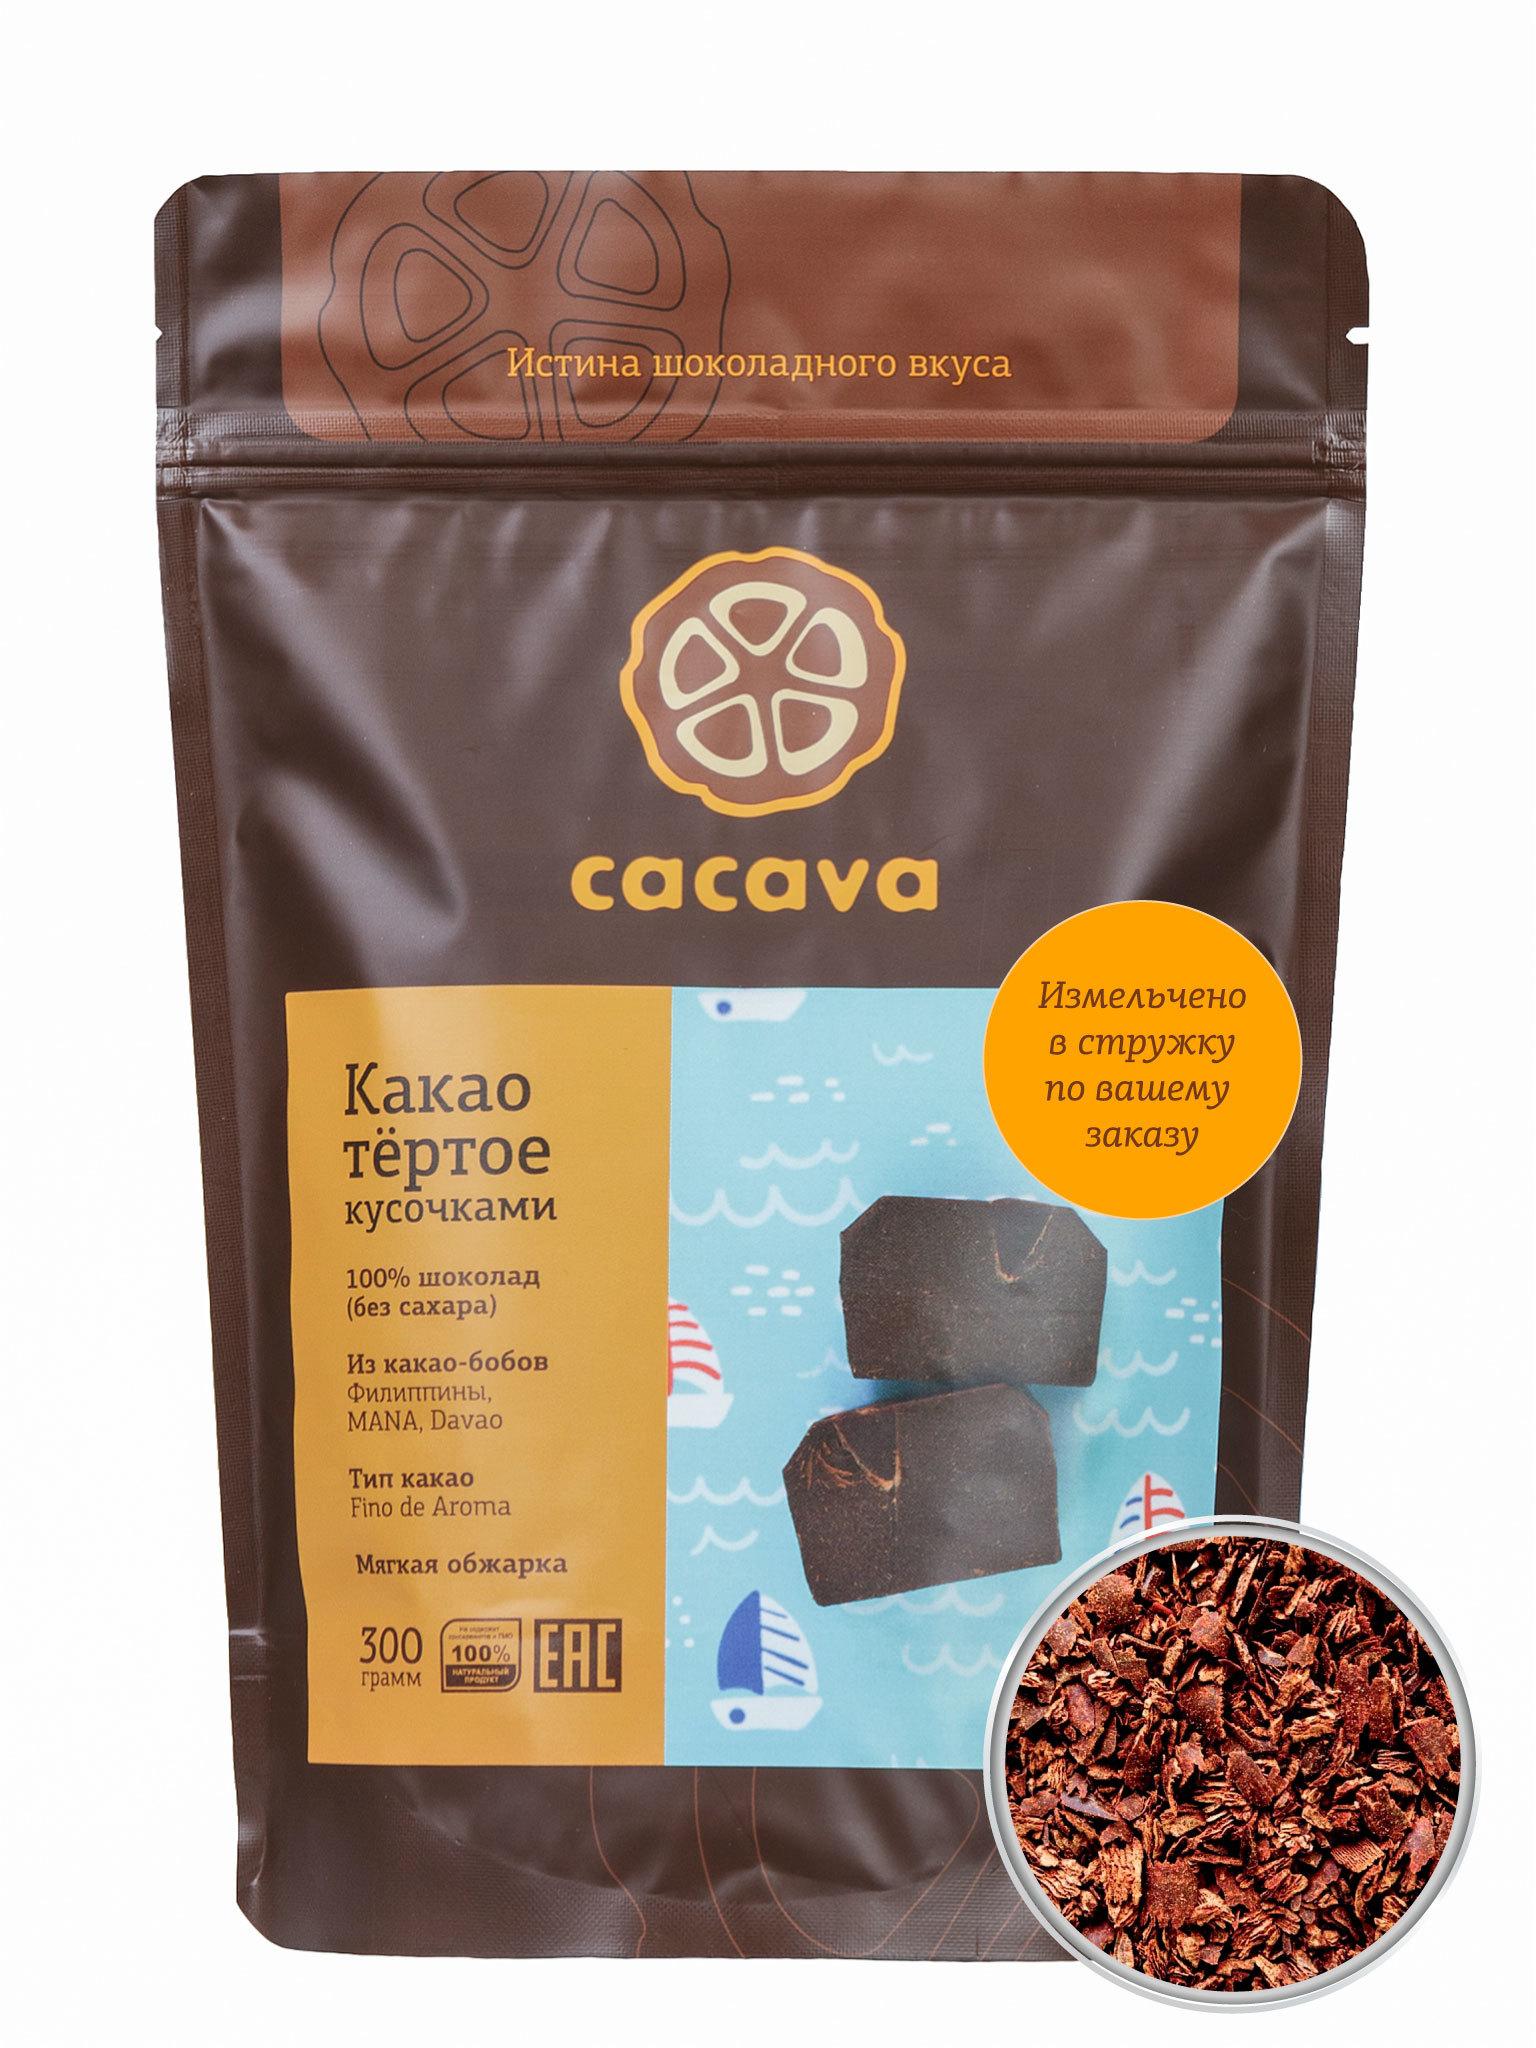 Какао тёртое в стружке (Филиппины, MANA, Davao), упаковка 300 грамм